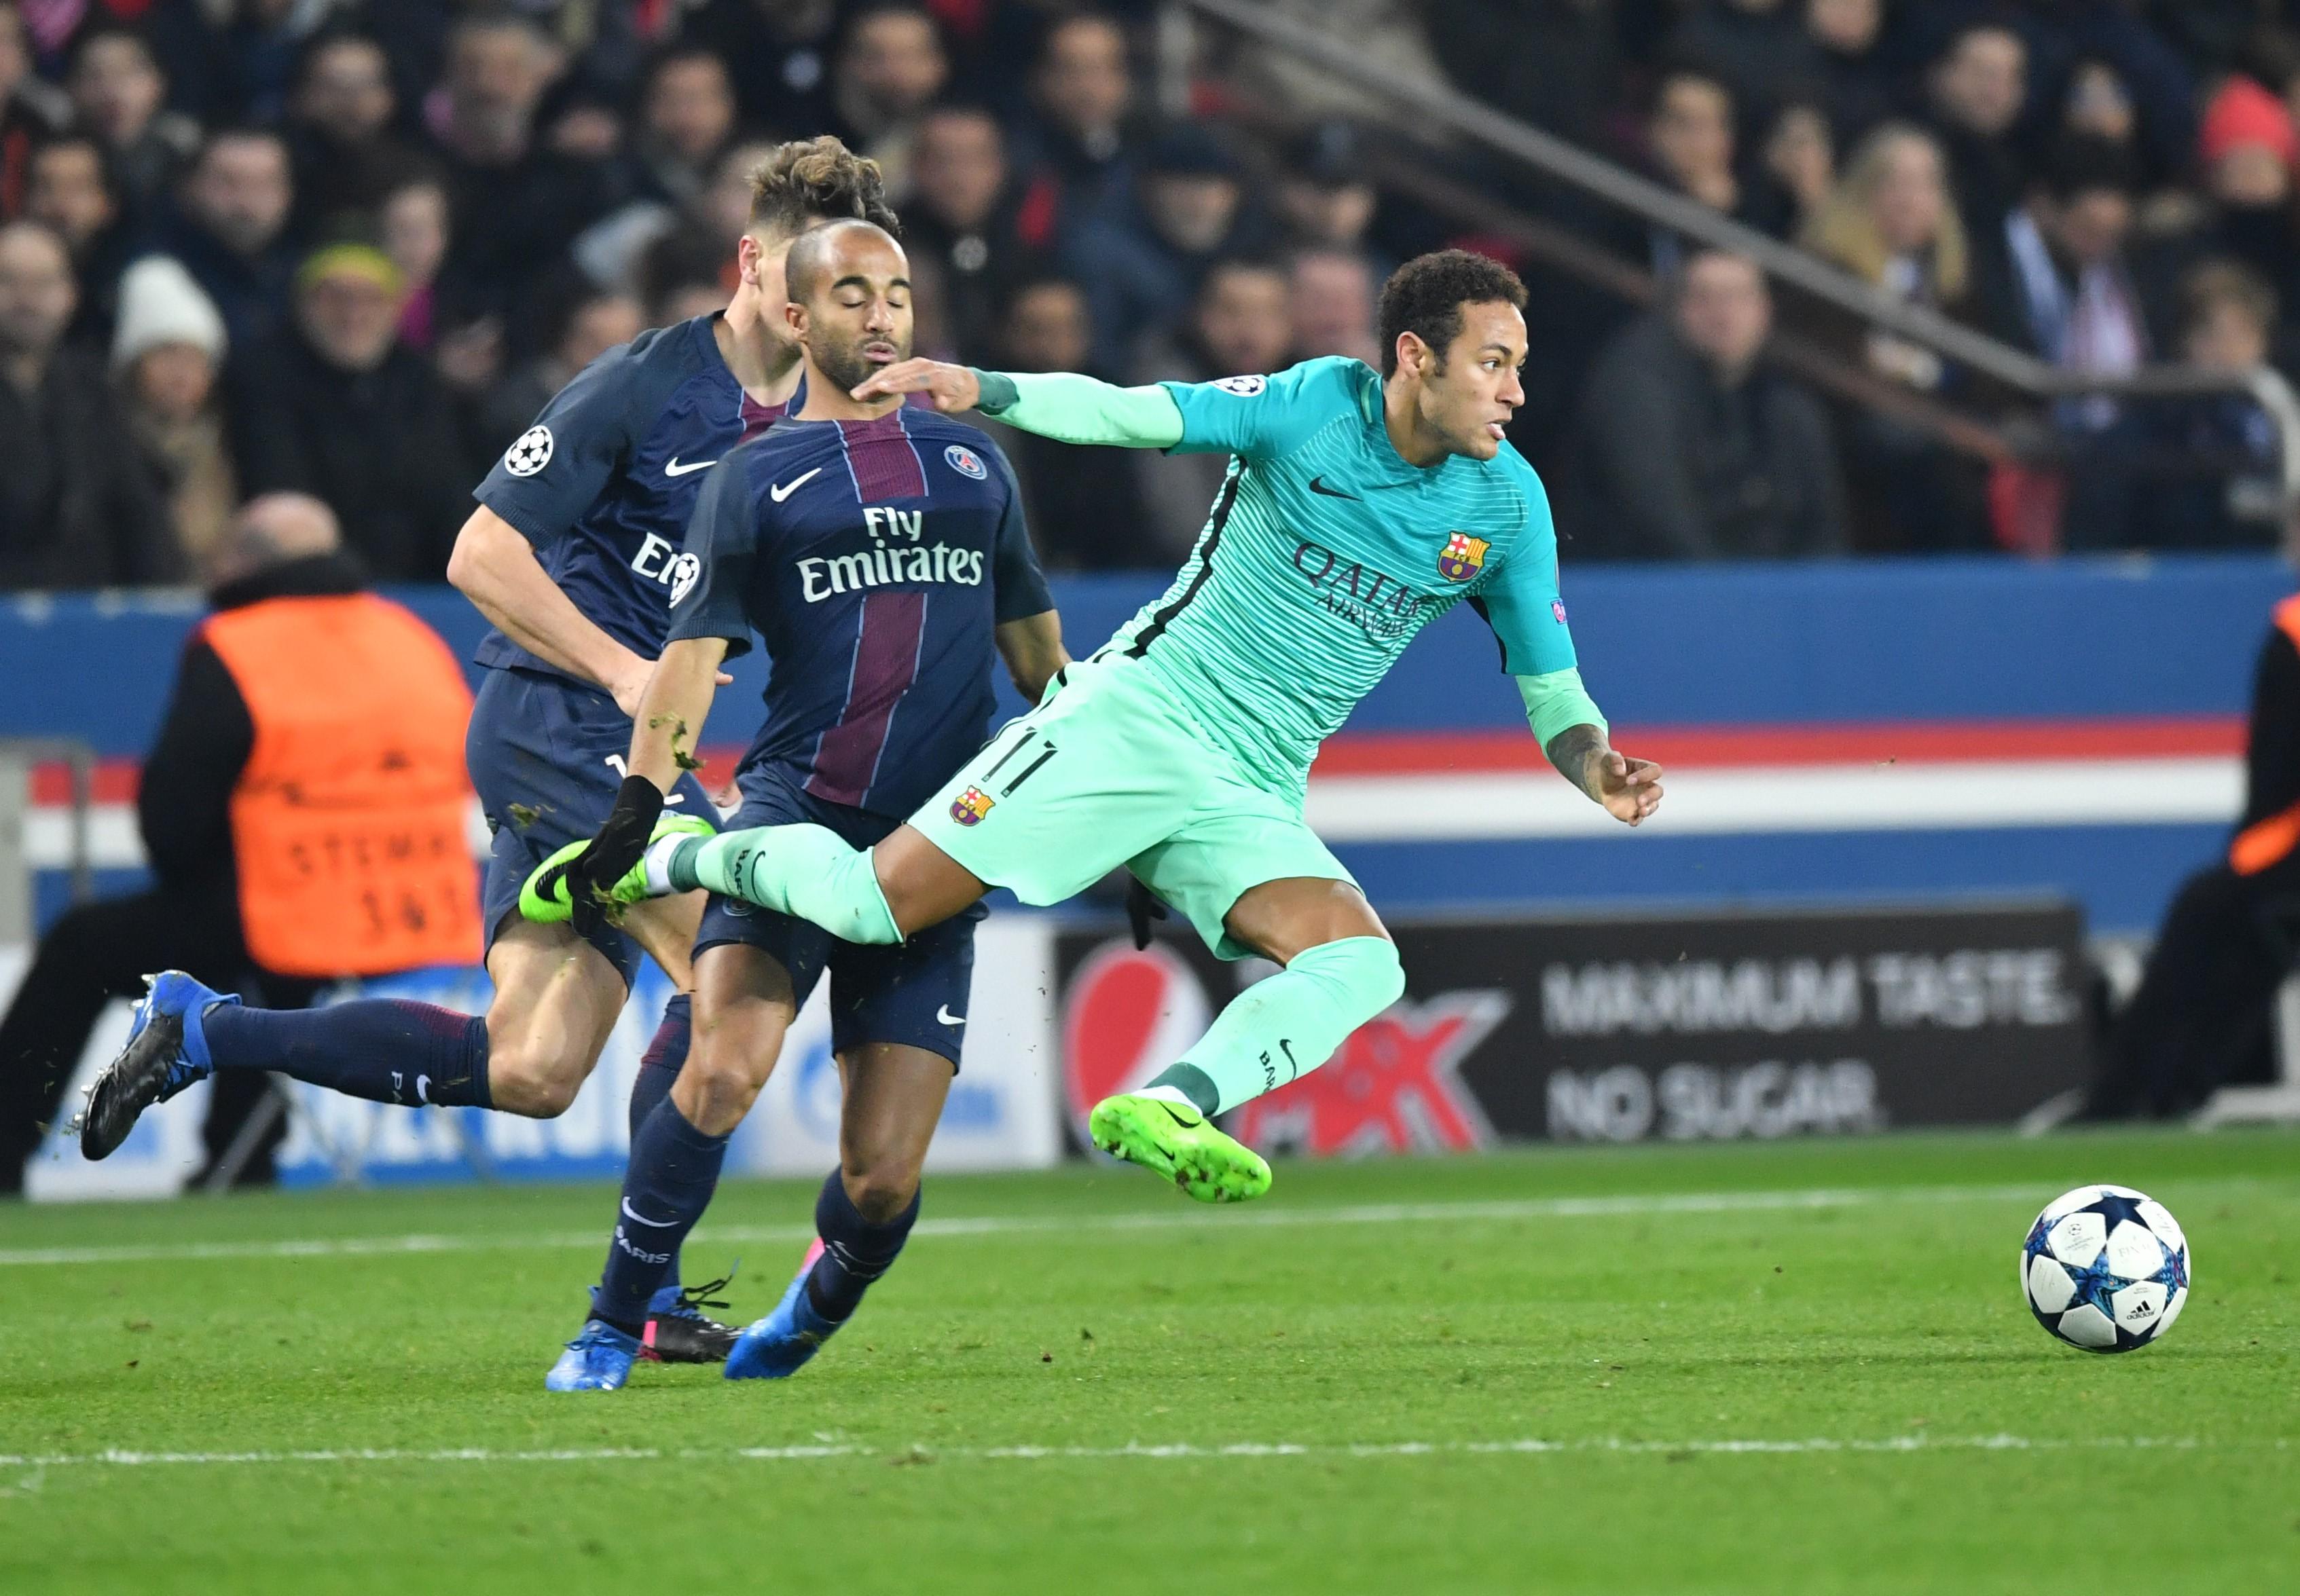 Barcelona vs PSG: ¿confías en Neymar y el milagro de la remontada?